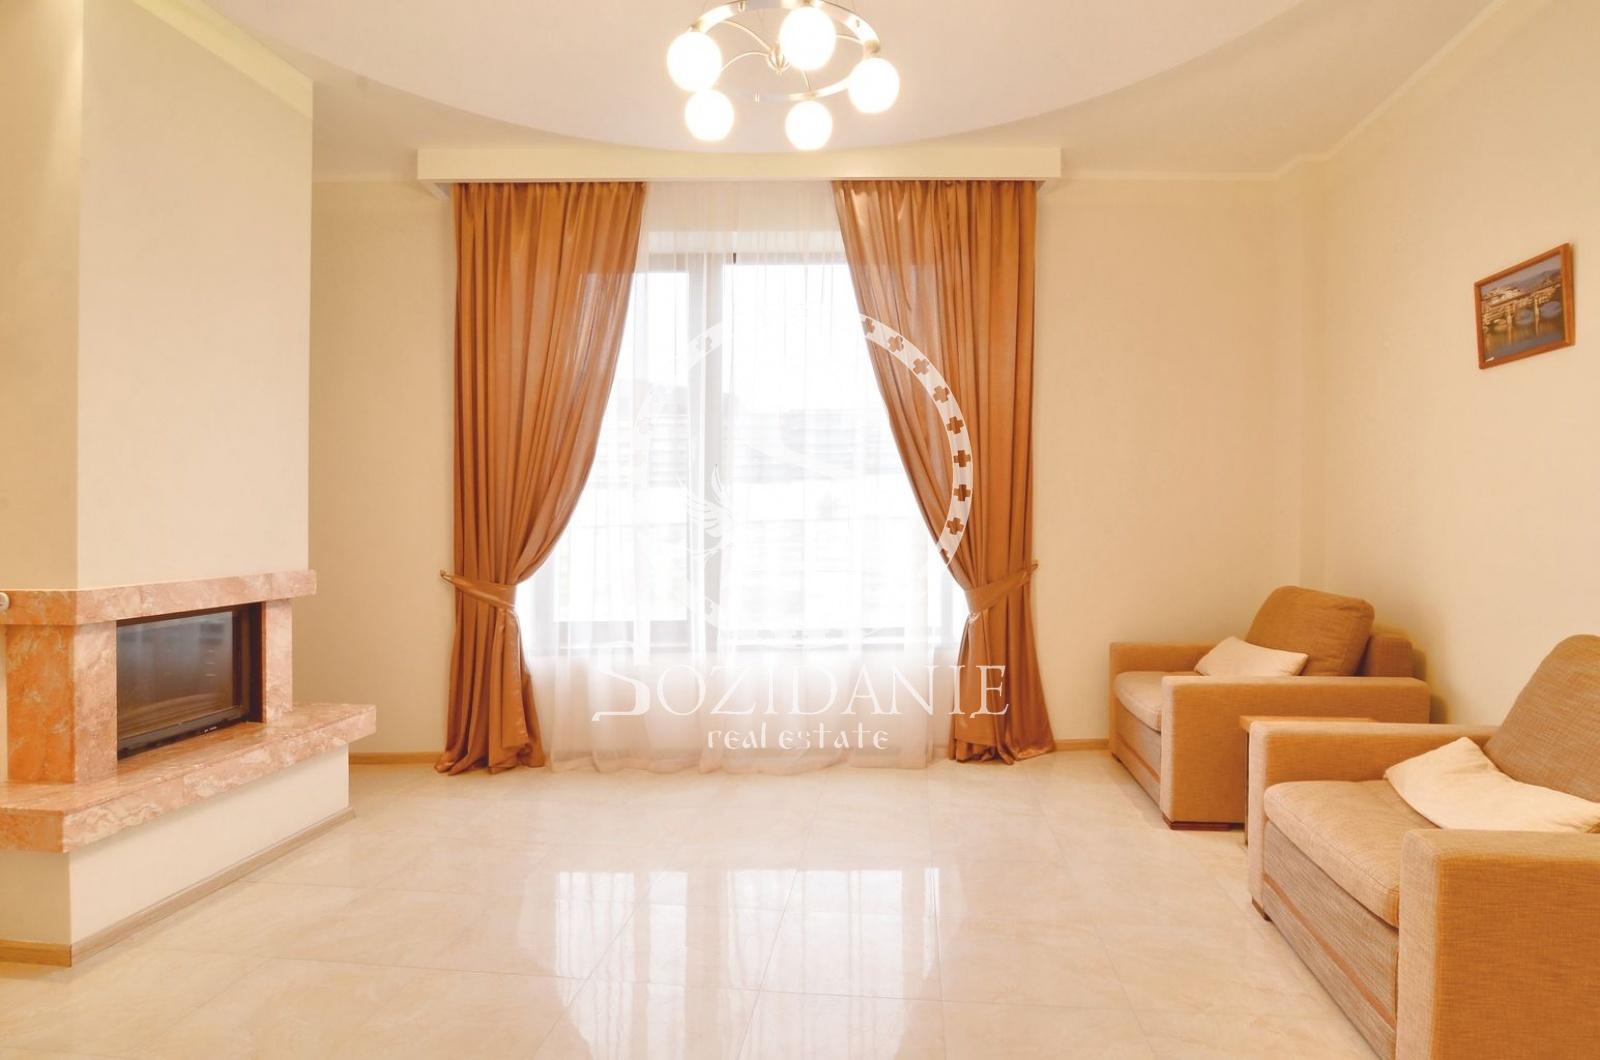 5 Bedrooms, Загородная, Продажа, Listing ID 1528, Московская область, Россия,